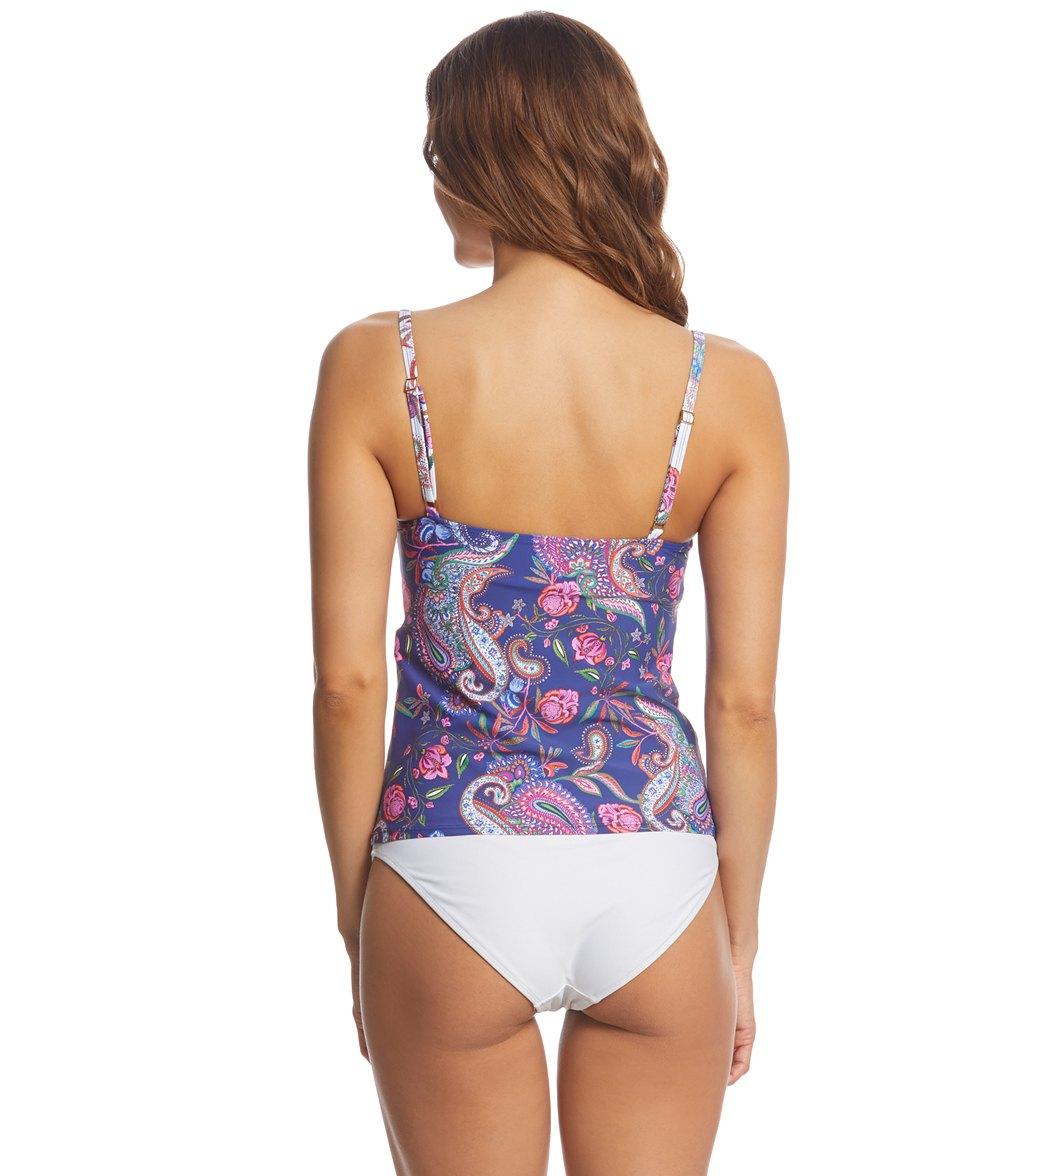 La Blanca Scarf Gypsy Lingerie Tankini Top at SwimOutlet.com - Free ... 73e95d237